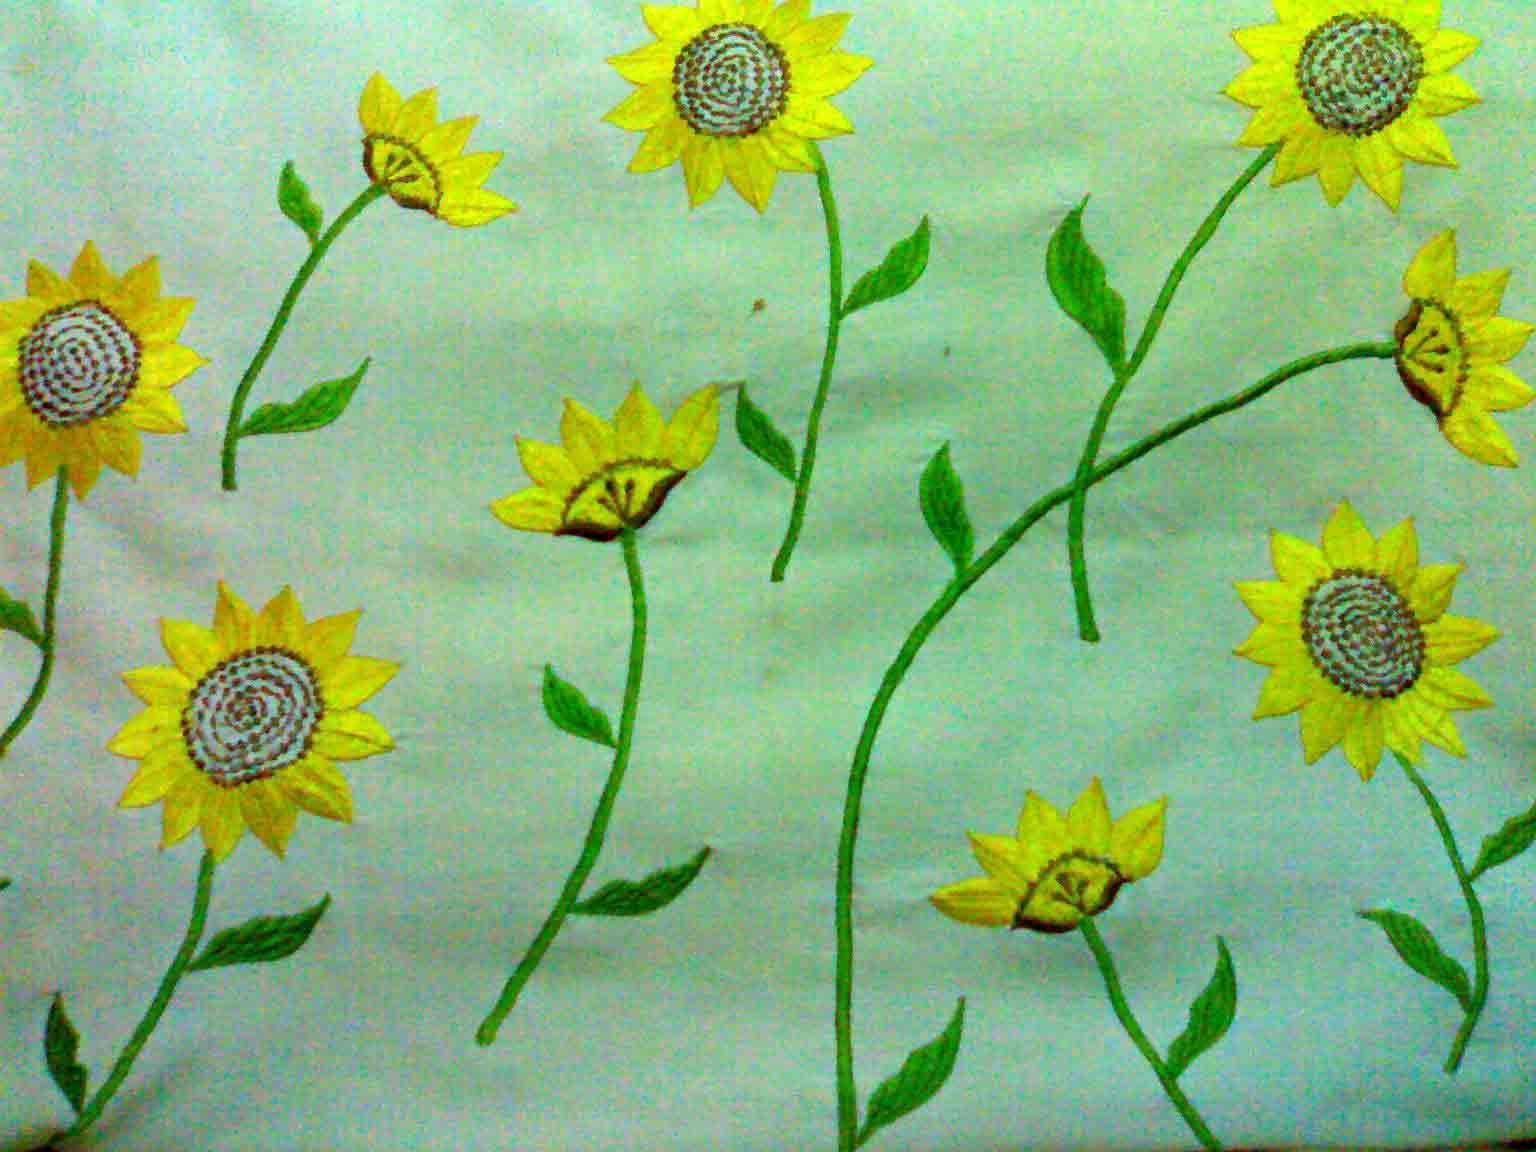 Gambar Sulaman Bunga Matahari Gambar Bunga Untuk Taplak Meja Pickini Paket Kristik Bunga Pot 11ct Lain Lain Mainan Hobi Koleksi Bunga Gambar Bunga Gambar